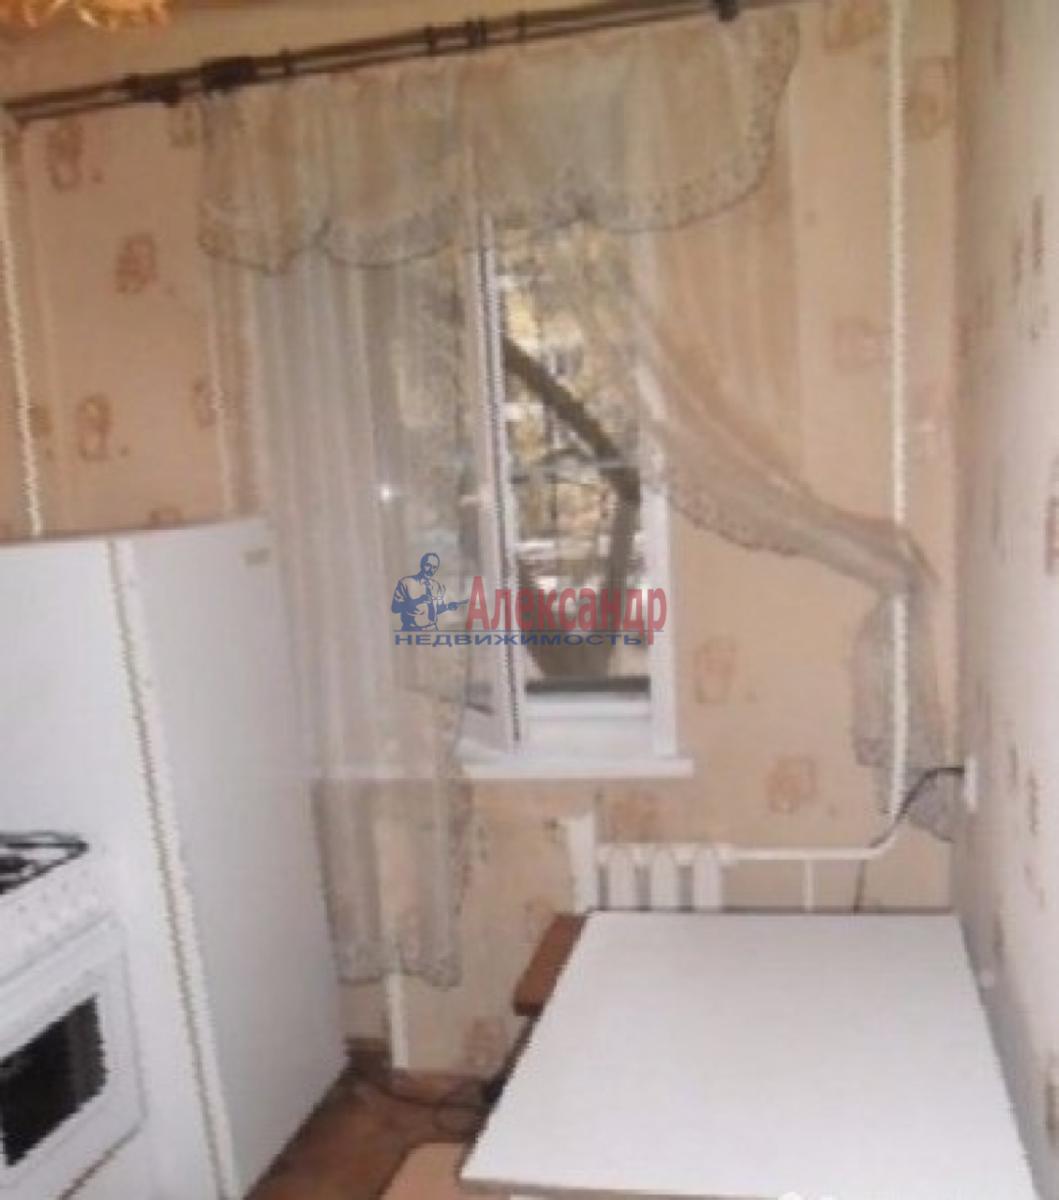 1-комнатная квартира (32м2) в аренду по адресу Орджоникидзе ул., 34— фото 3 из 4